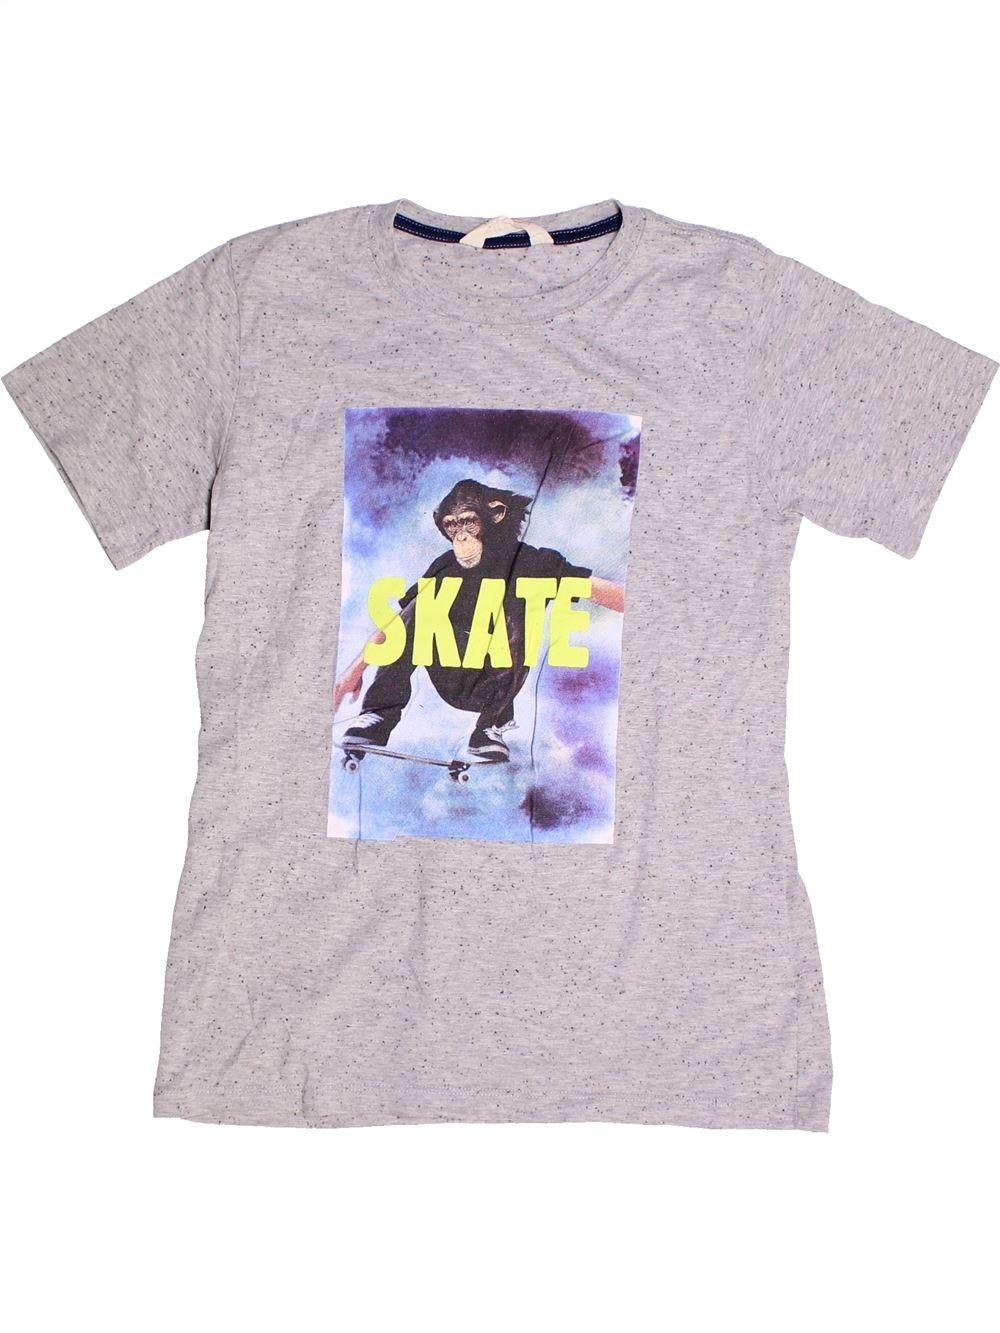 6ab4b5a8896de T-shirt manches courtes blanc H M du 14 ans pour Garcon - 1263212